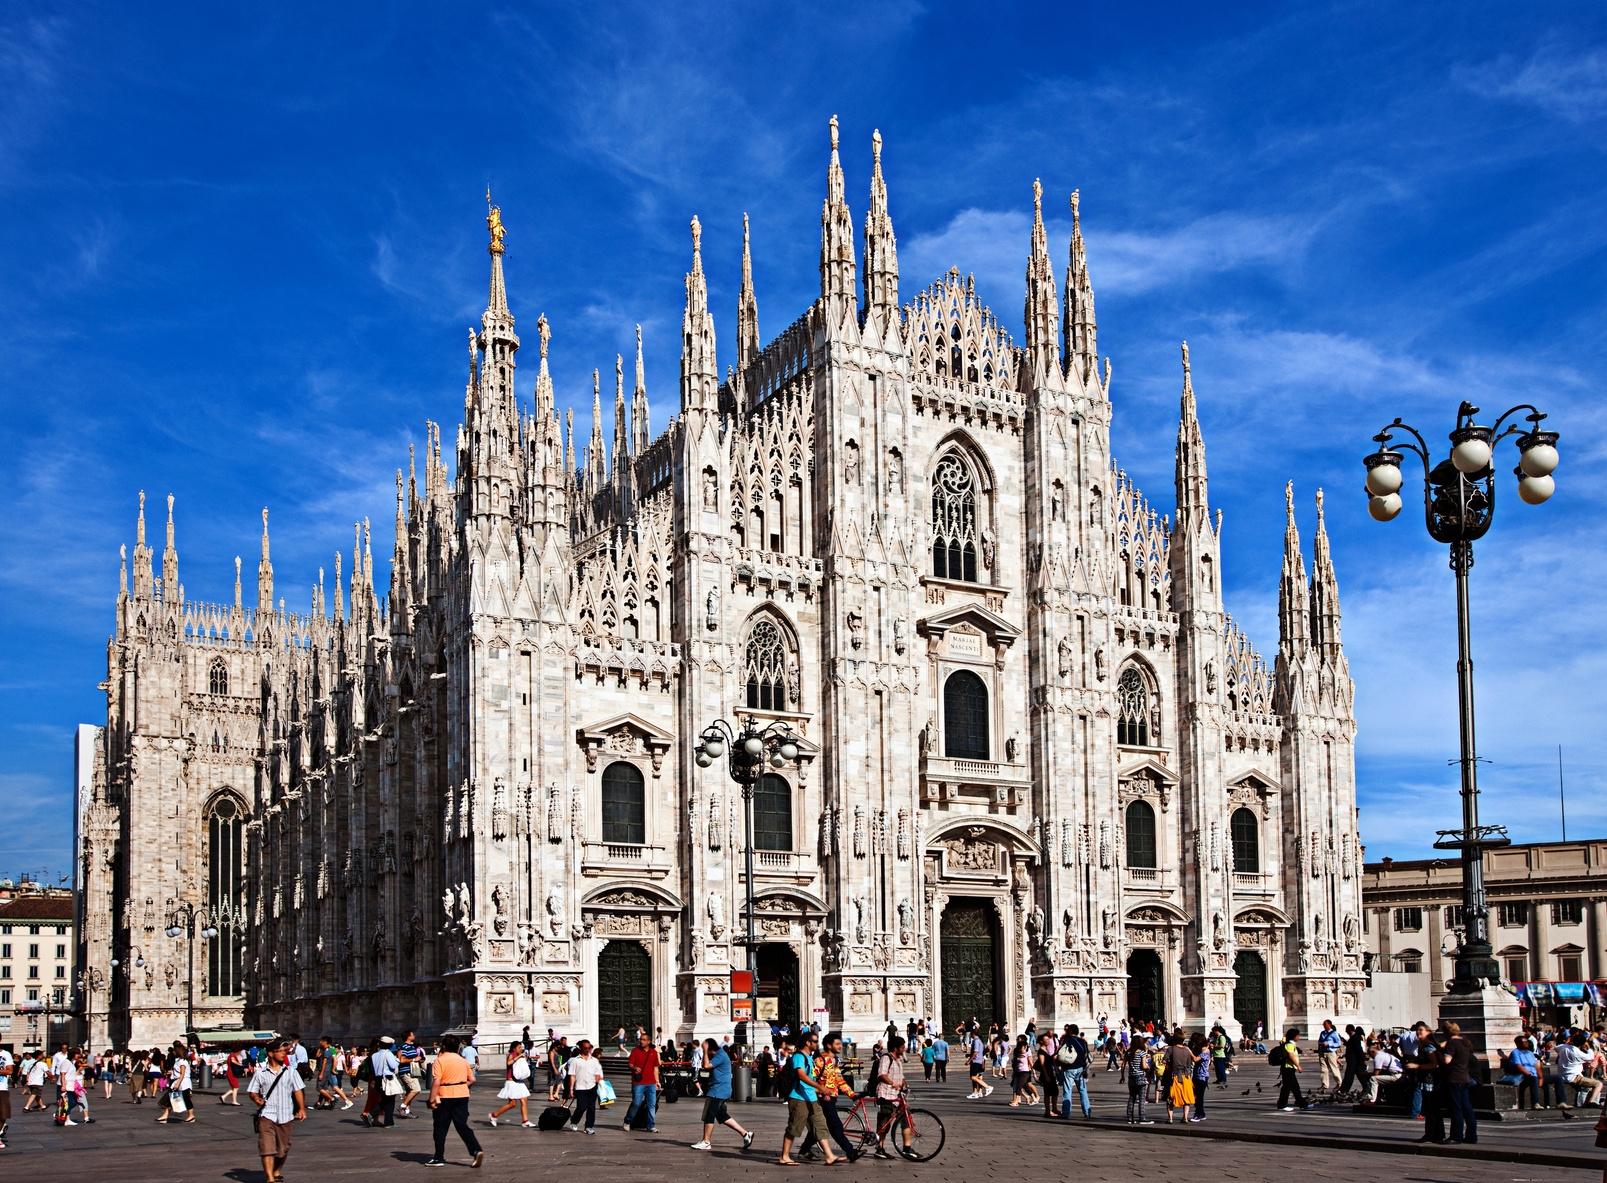 Popolare The Duomo of Milan (Duomo di Milano) | HQ29